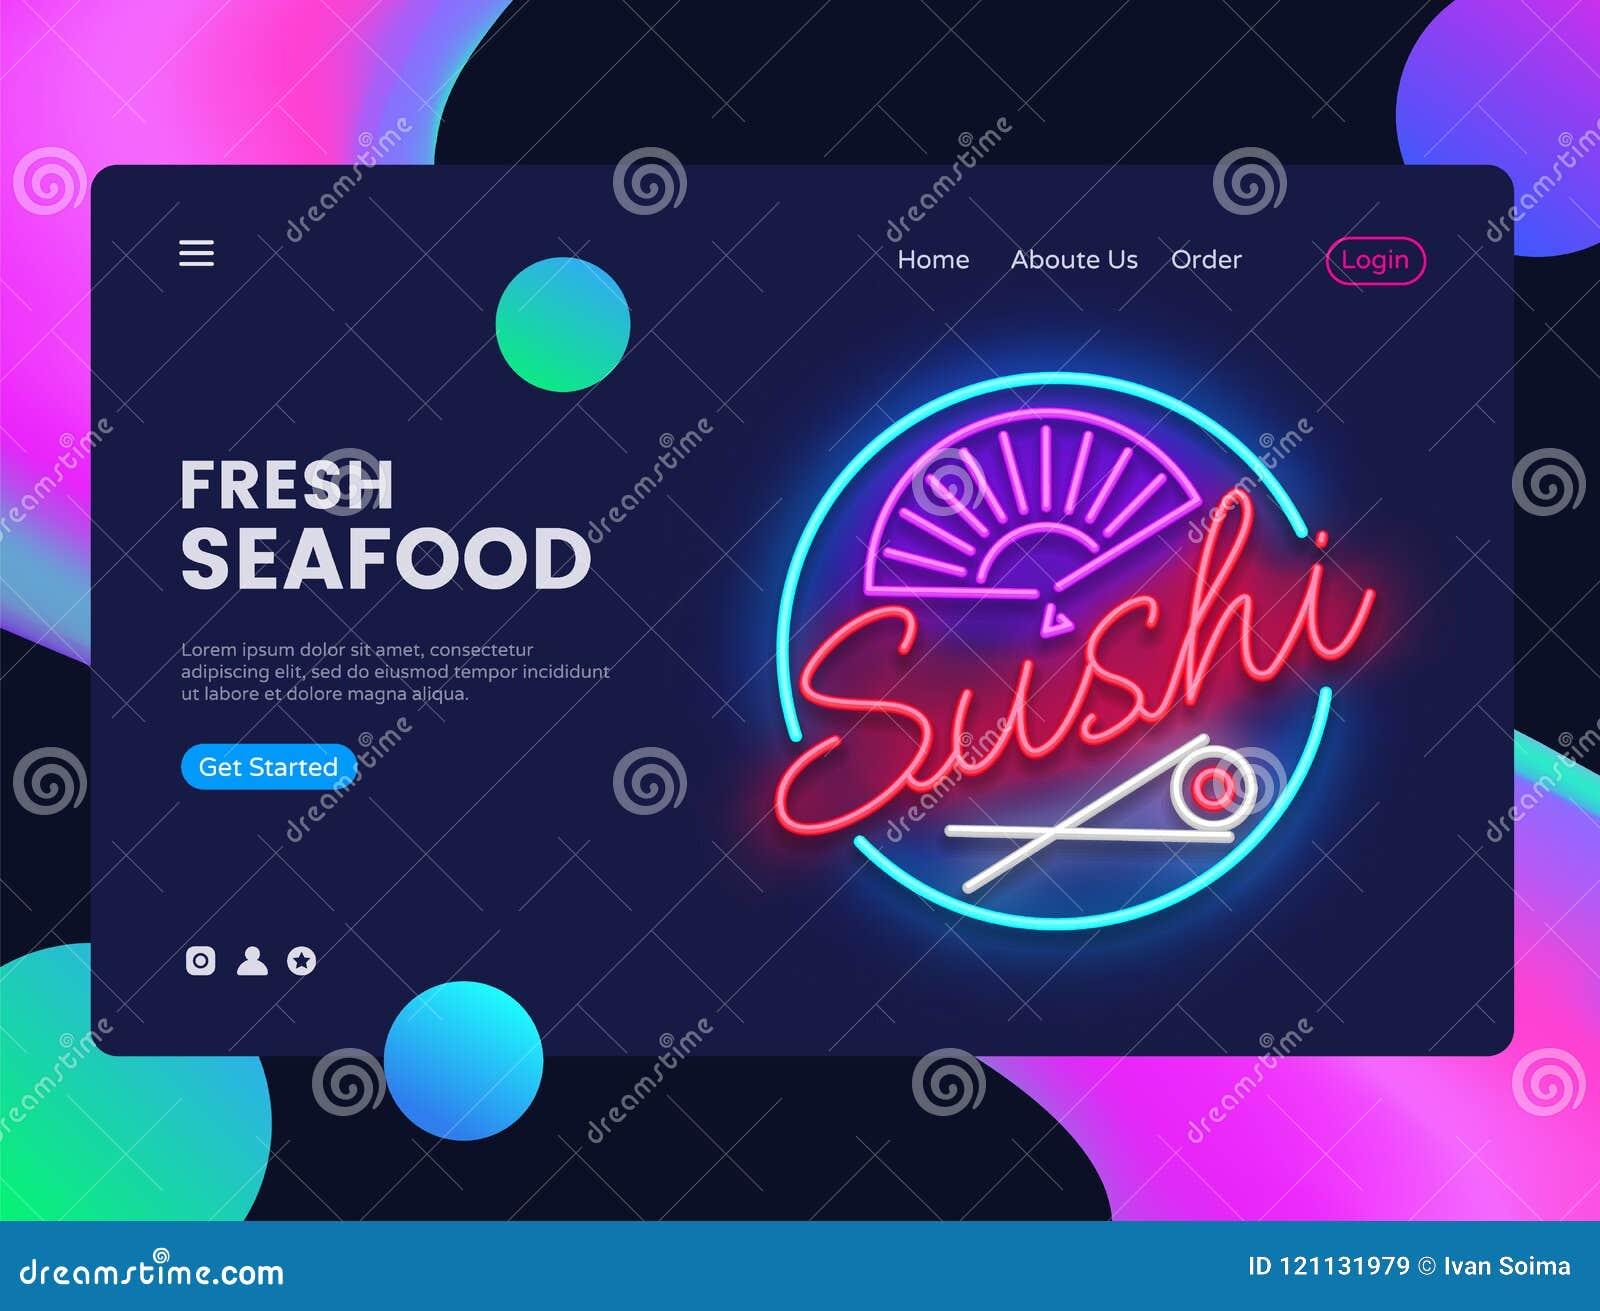 寿司横幅设计模板传染媒介 海鲜网横幅接口,霓虹灯广告,现代趋向设计,霓虹样式网横幅